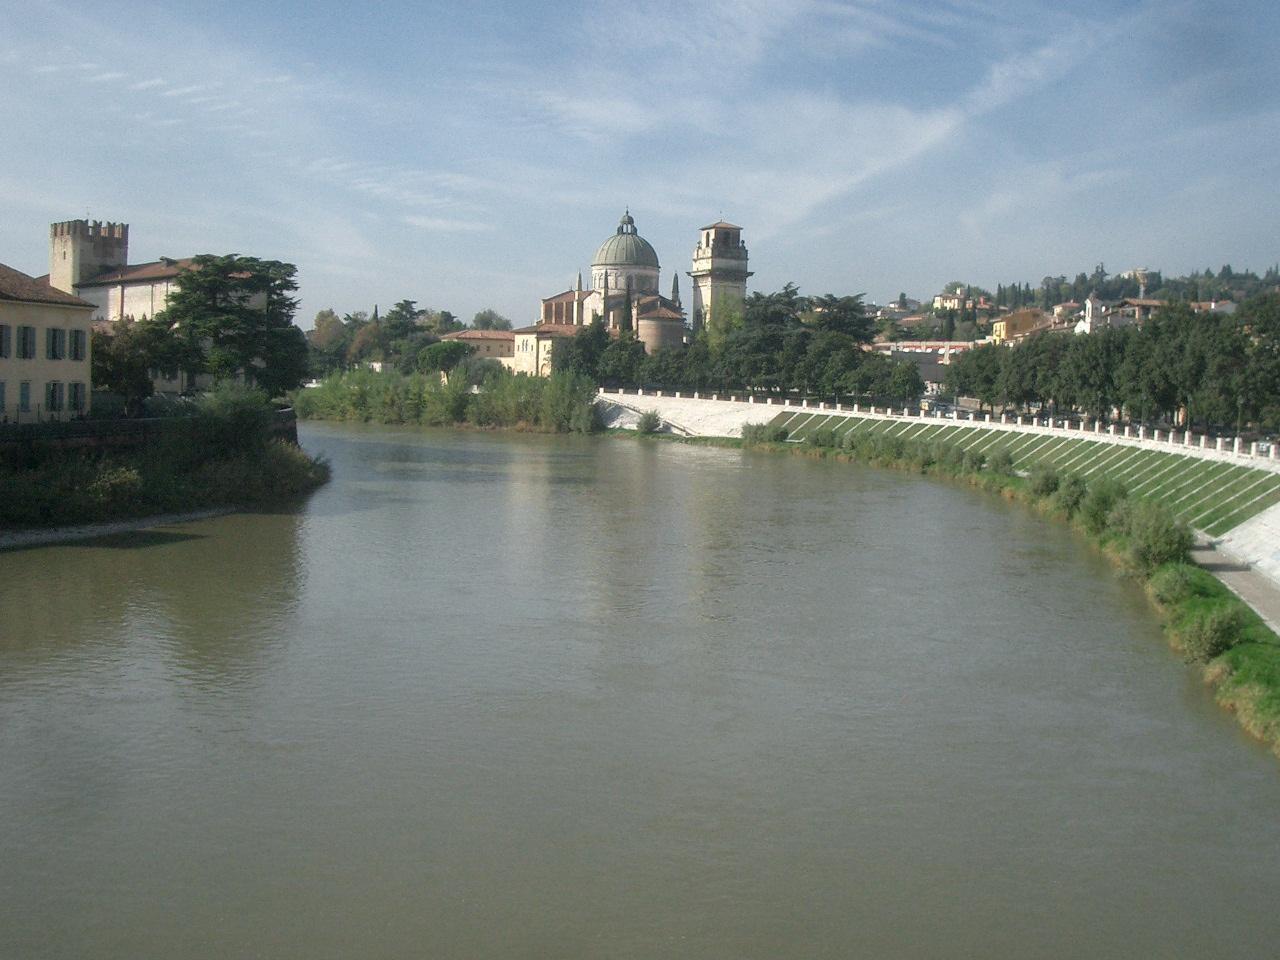 ヴェローナ市街の画像 p1_31